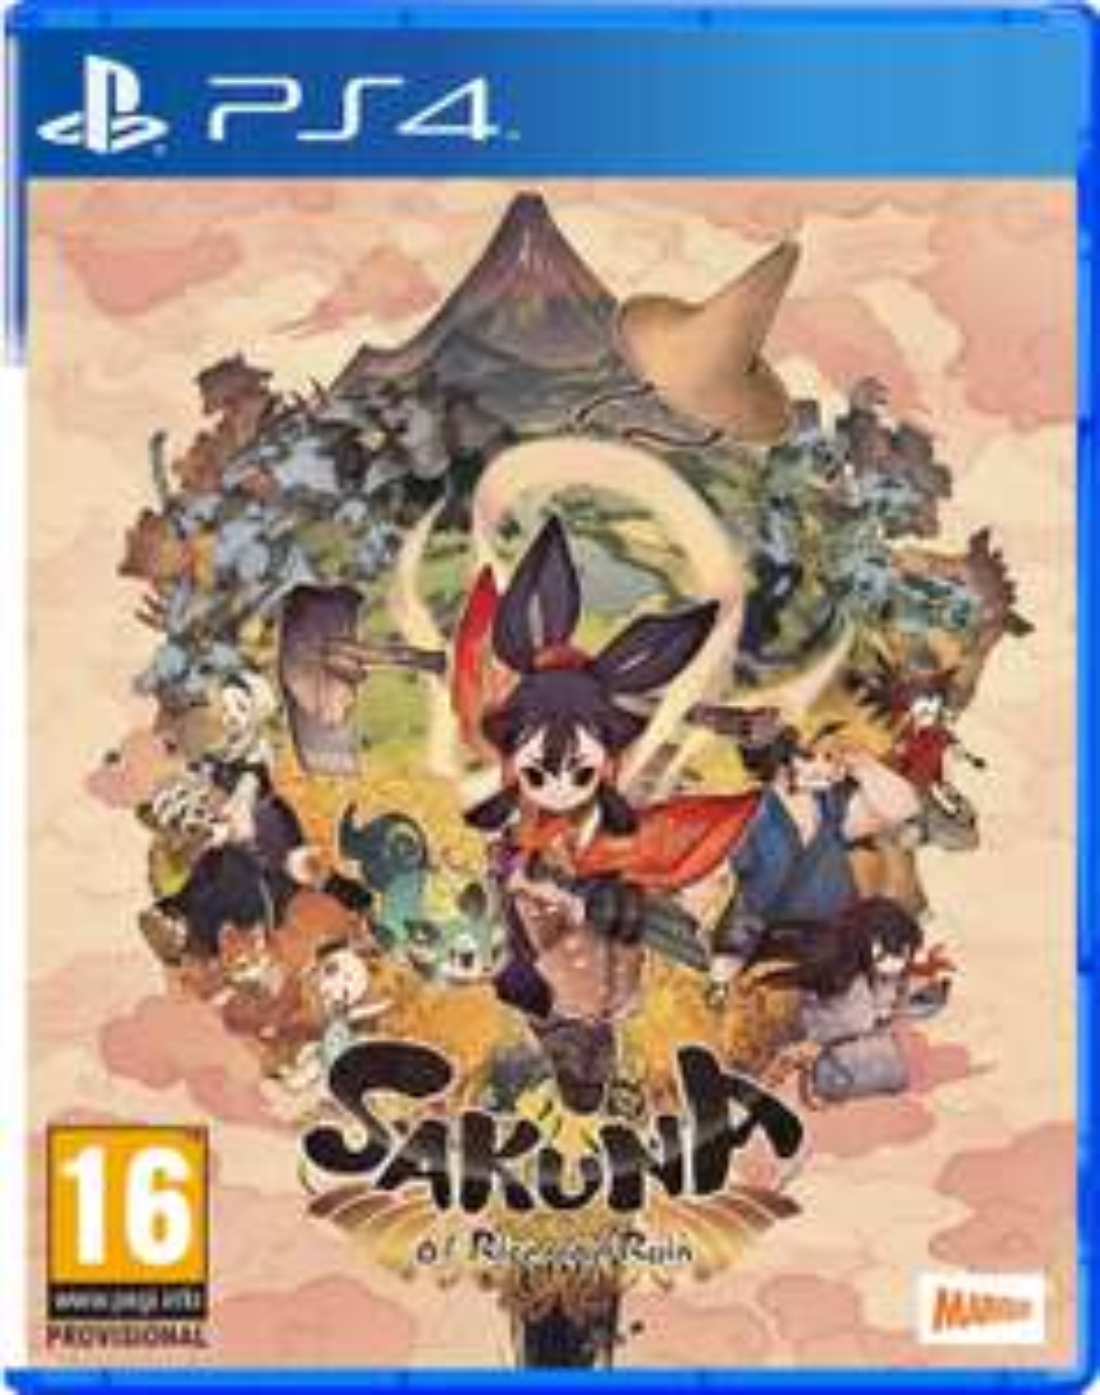 [PS4] Sakuna of Rice and Ruin @ Amazon NL